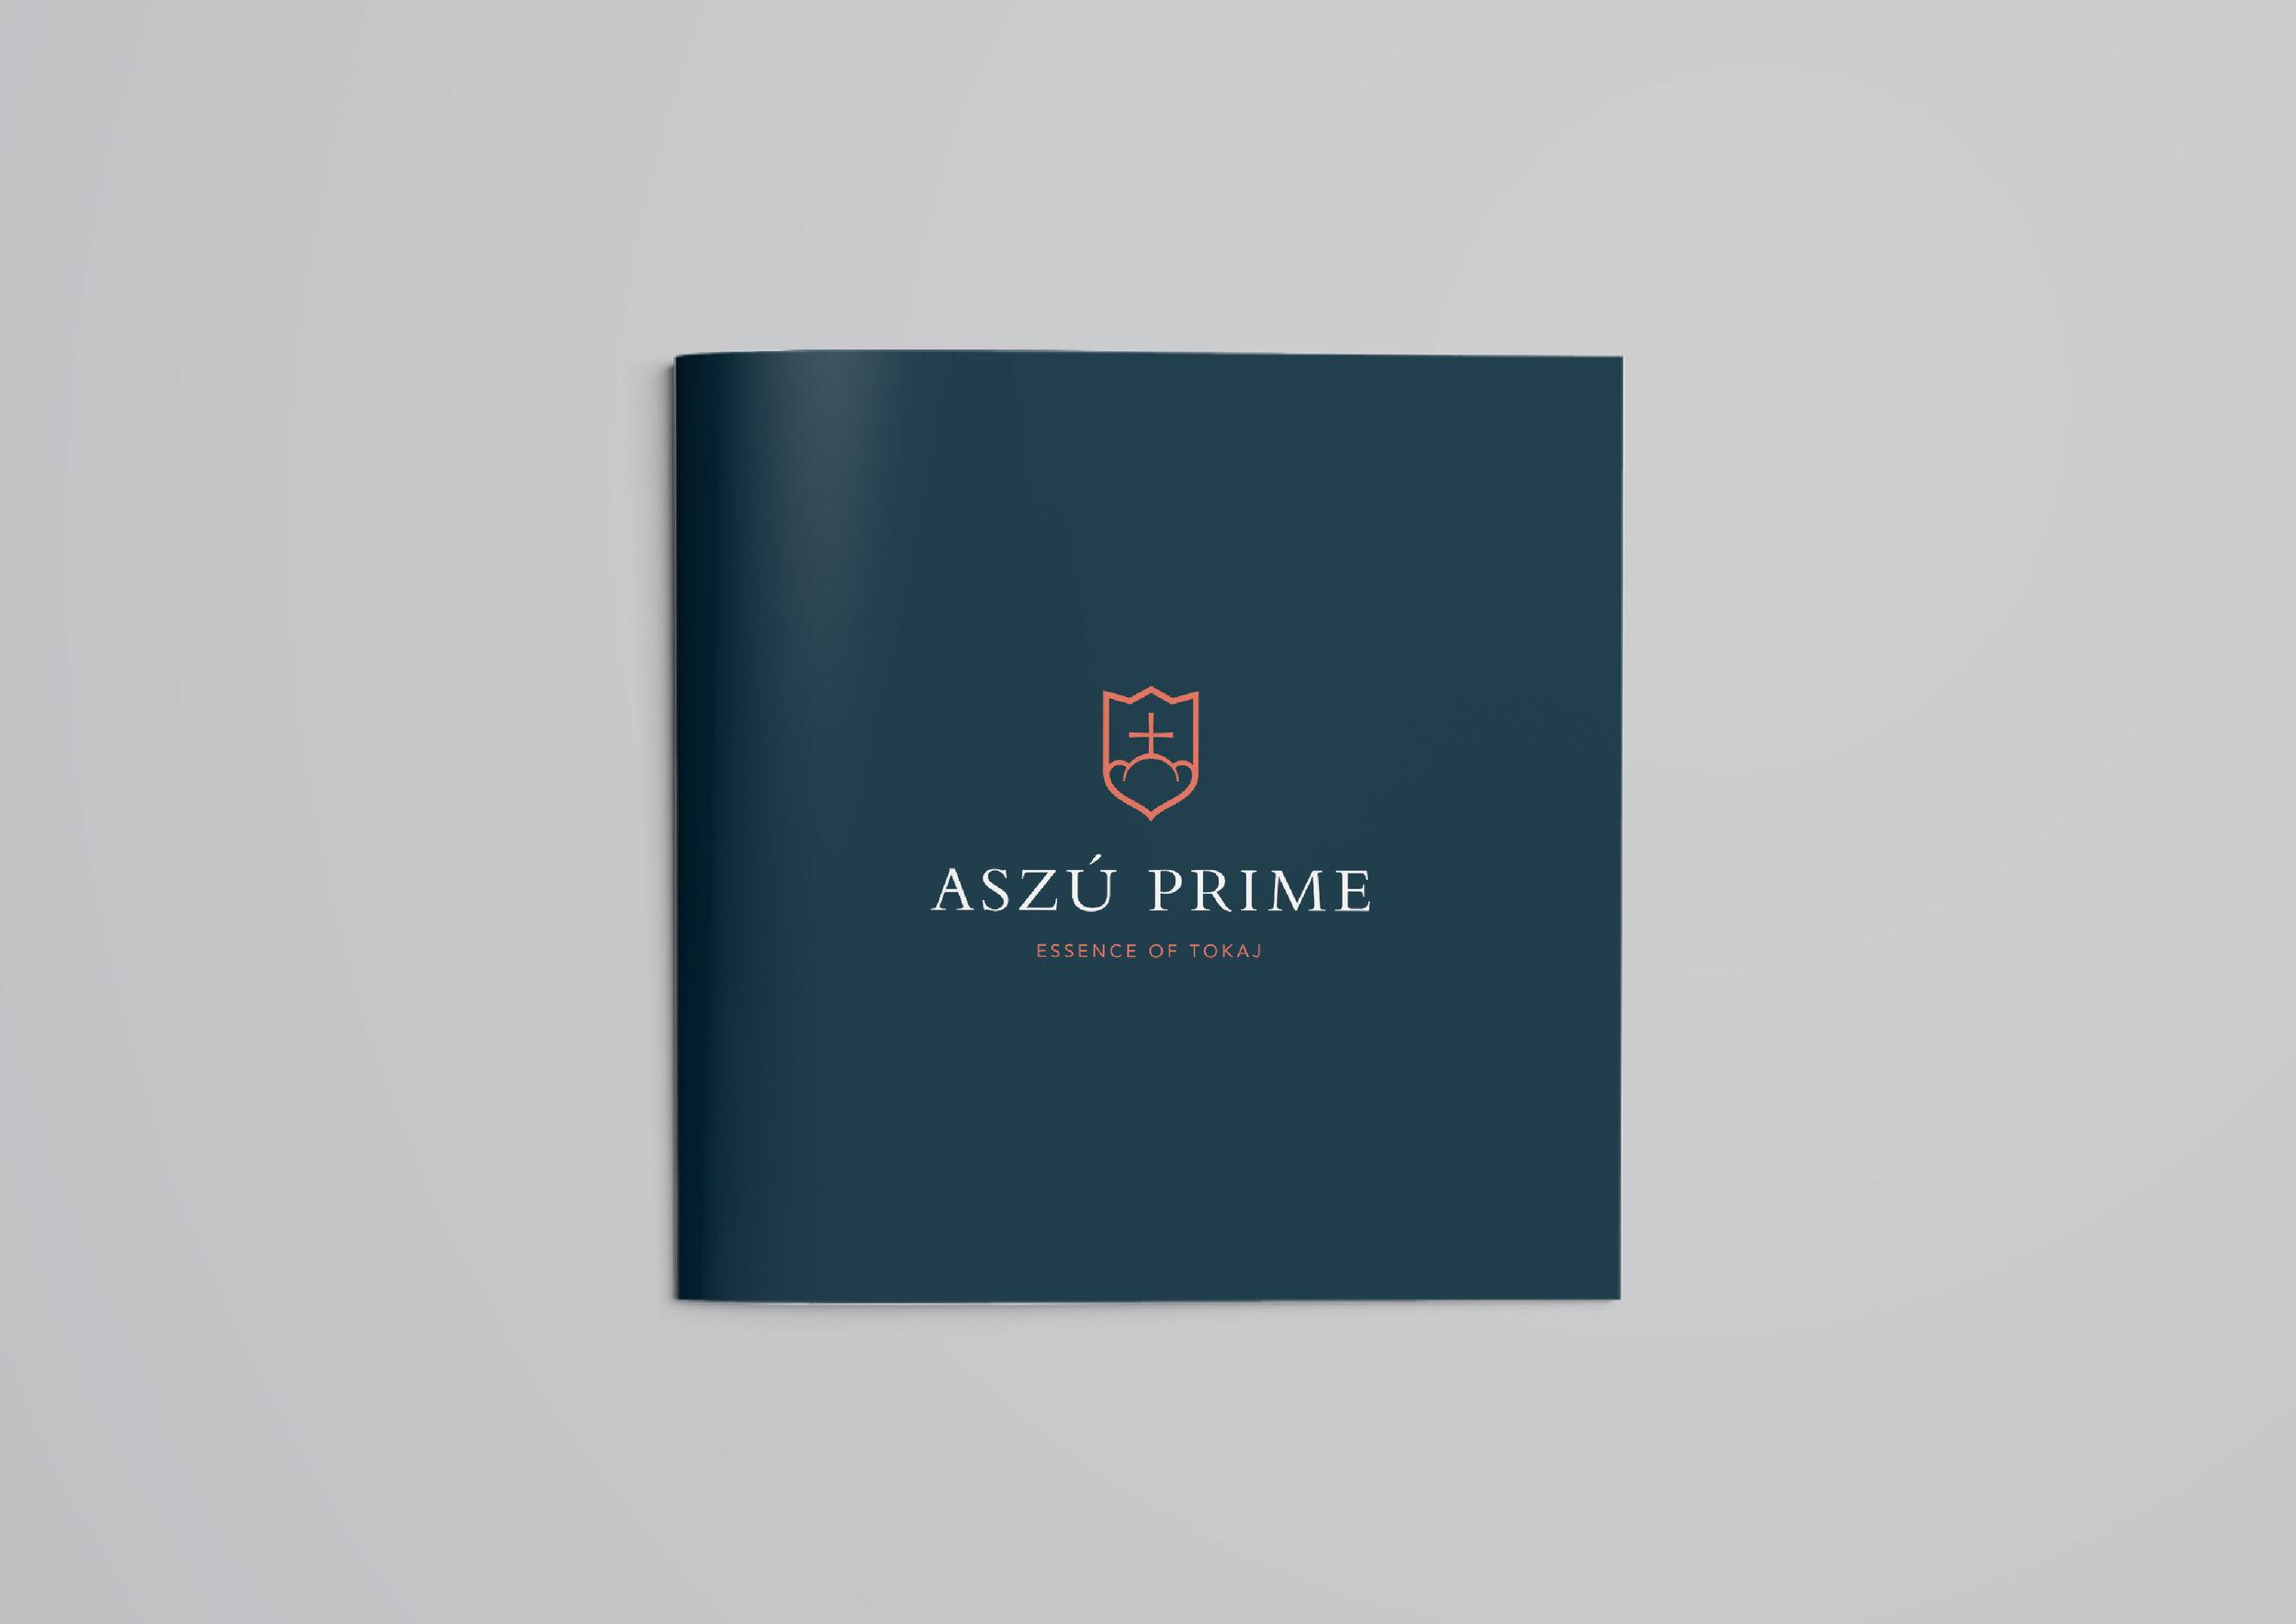 Aszu_Prime_behance-20.jpg